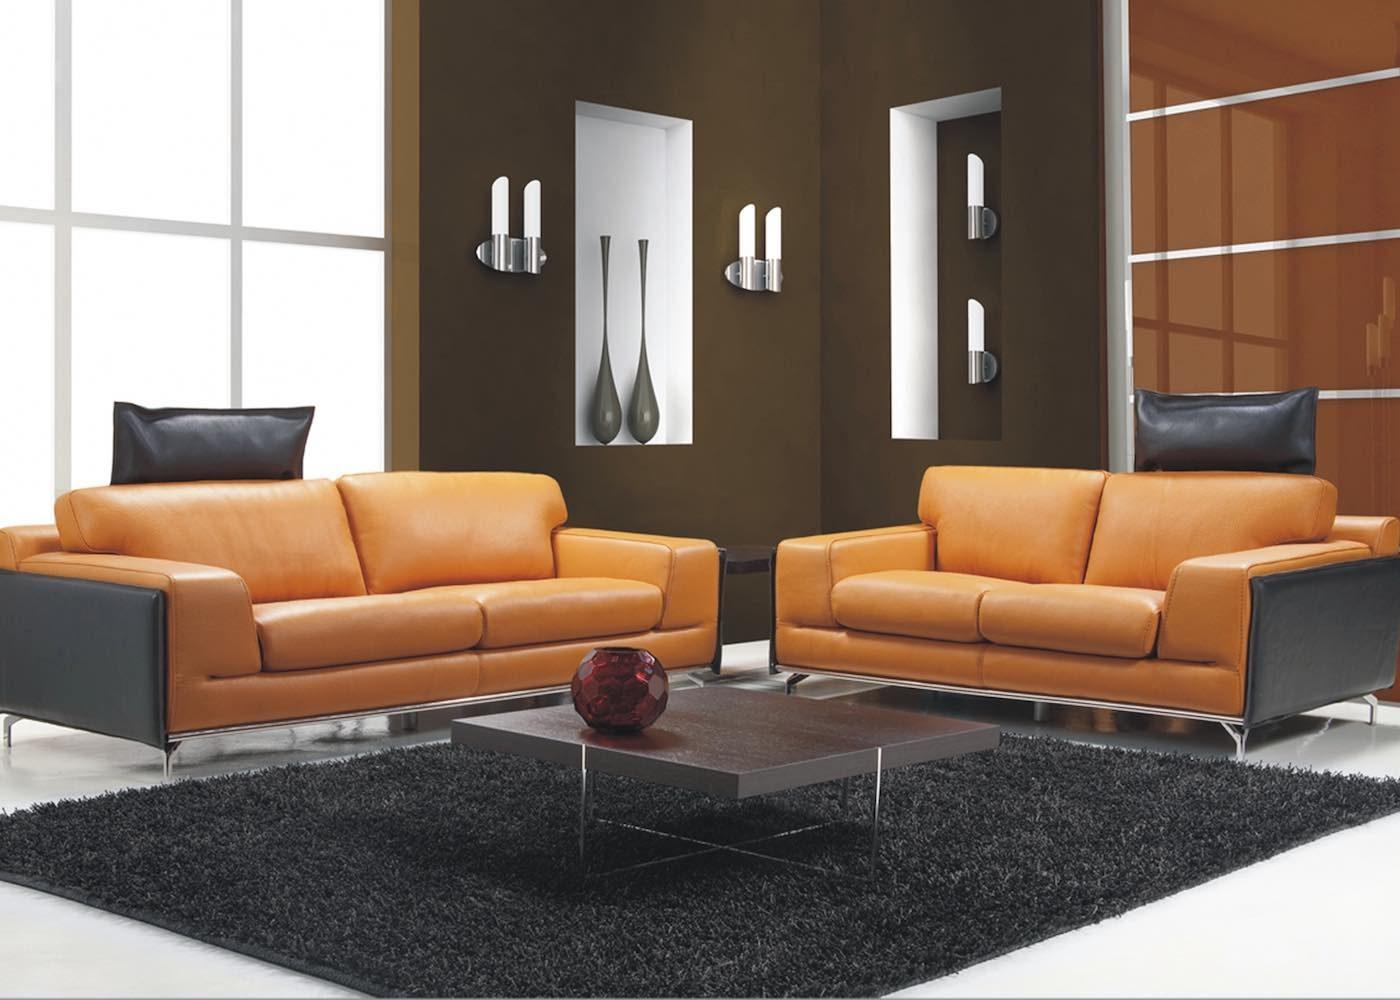 mazarin-ameublement-catalogue-produits-salon-cuir-12